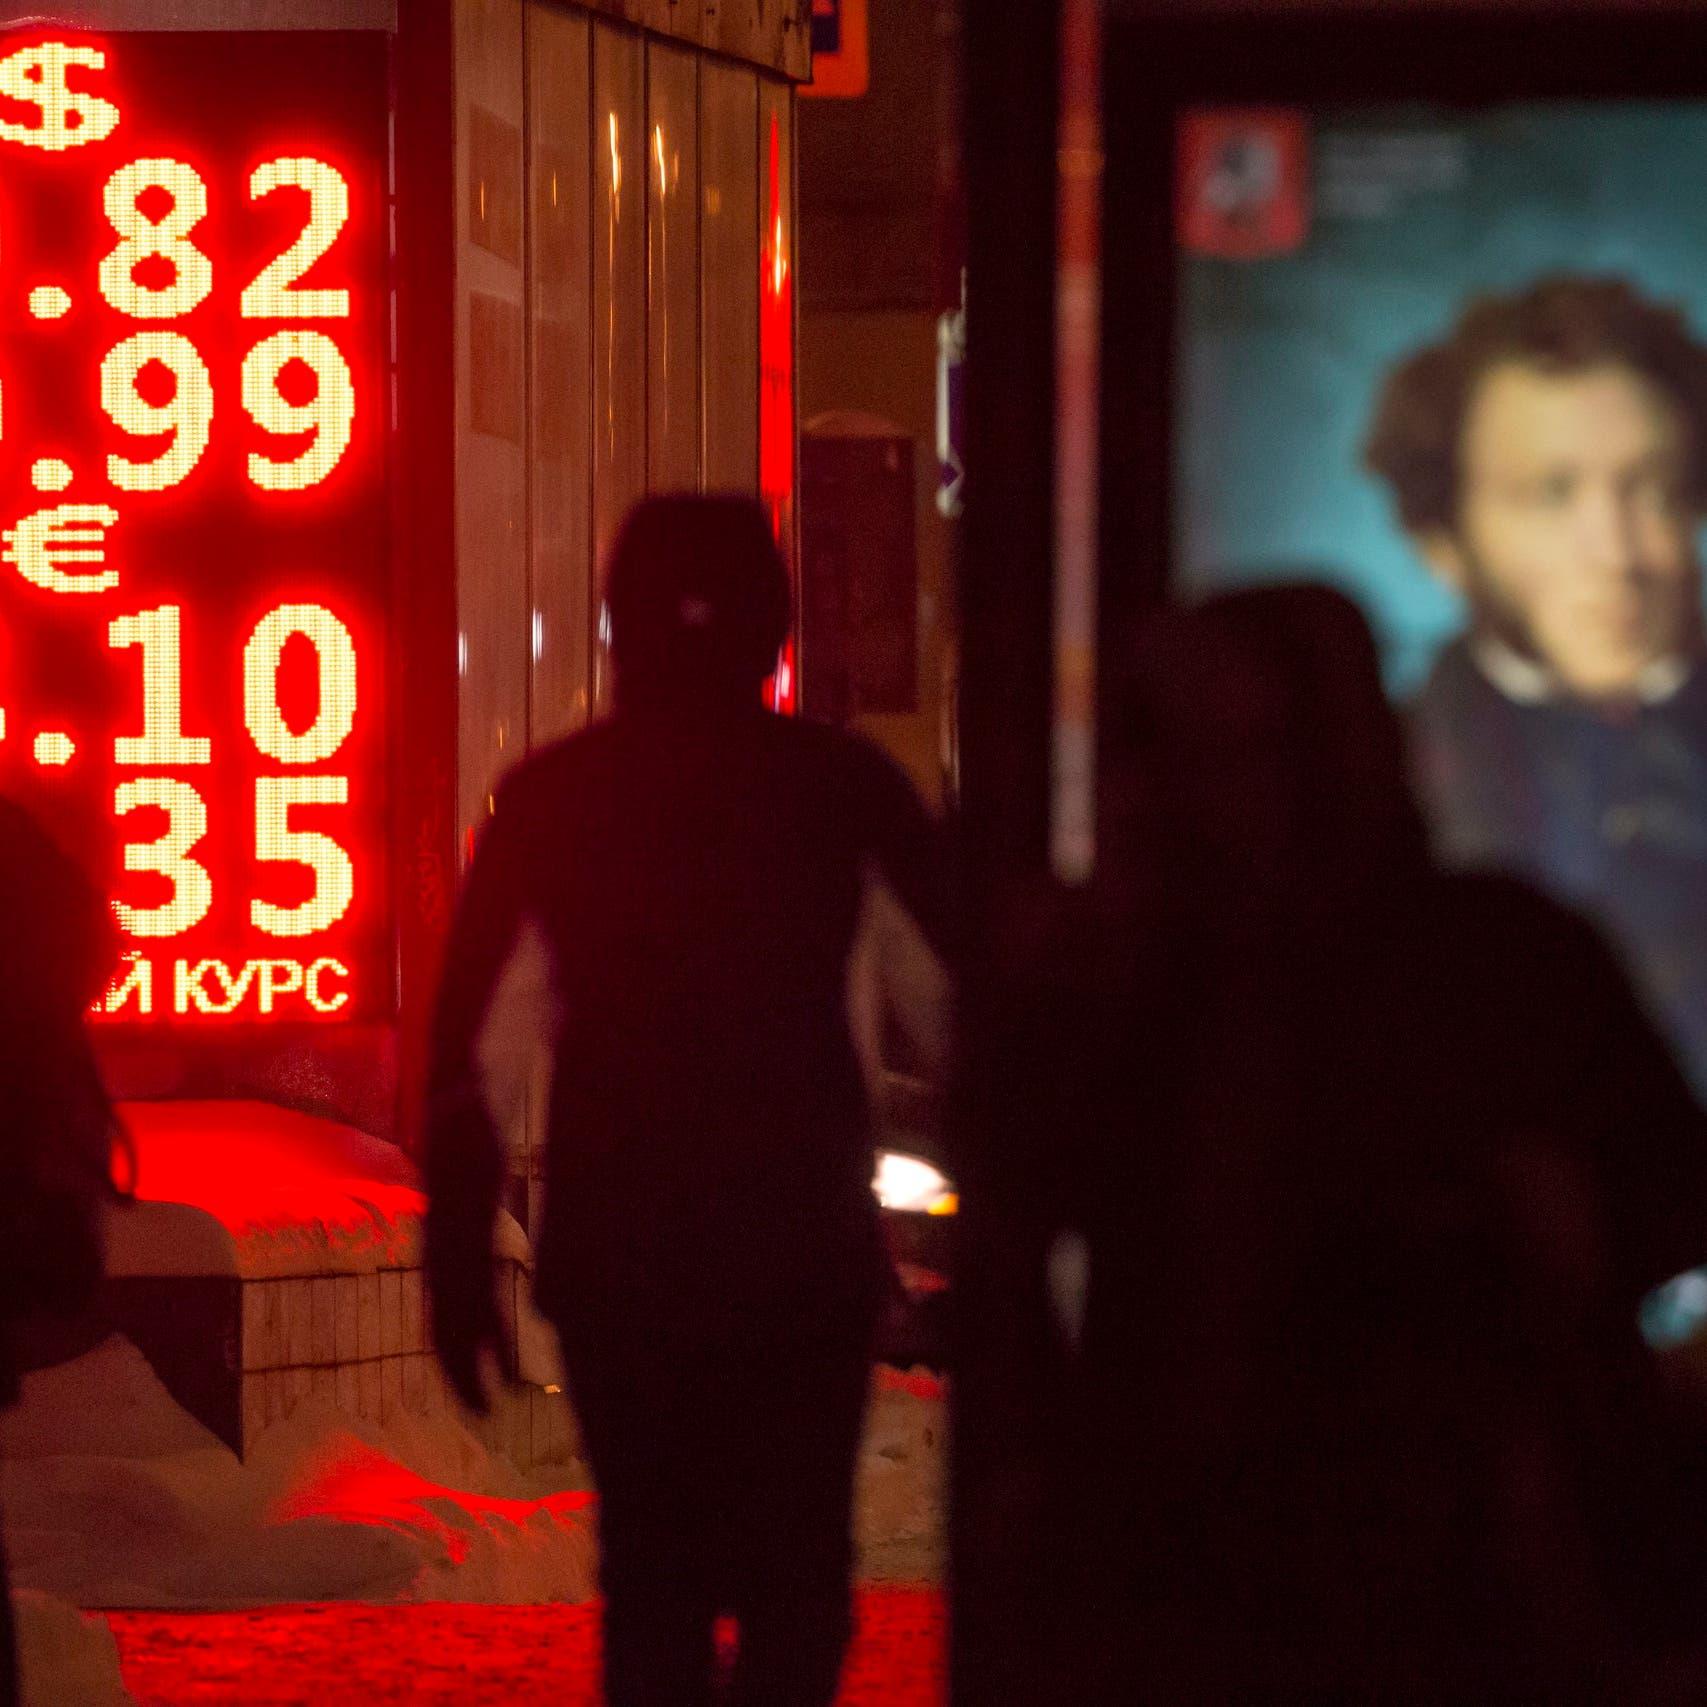 بوتين يتوقع معدل تضخم 6.5% سنويا في روسيا